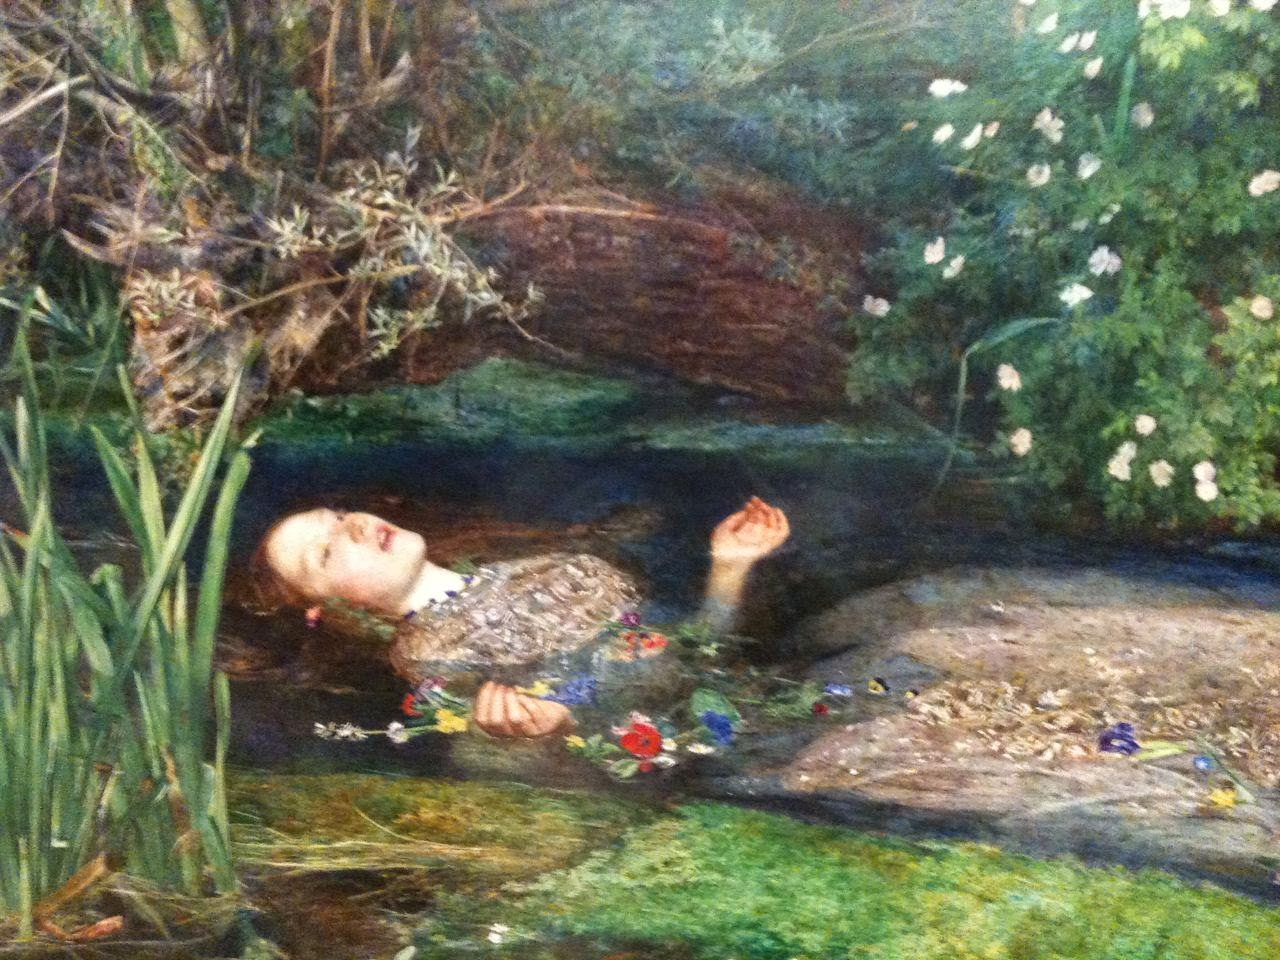 ジョン・エヴァレット・ミレーの画像 p1_17